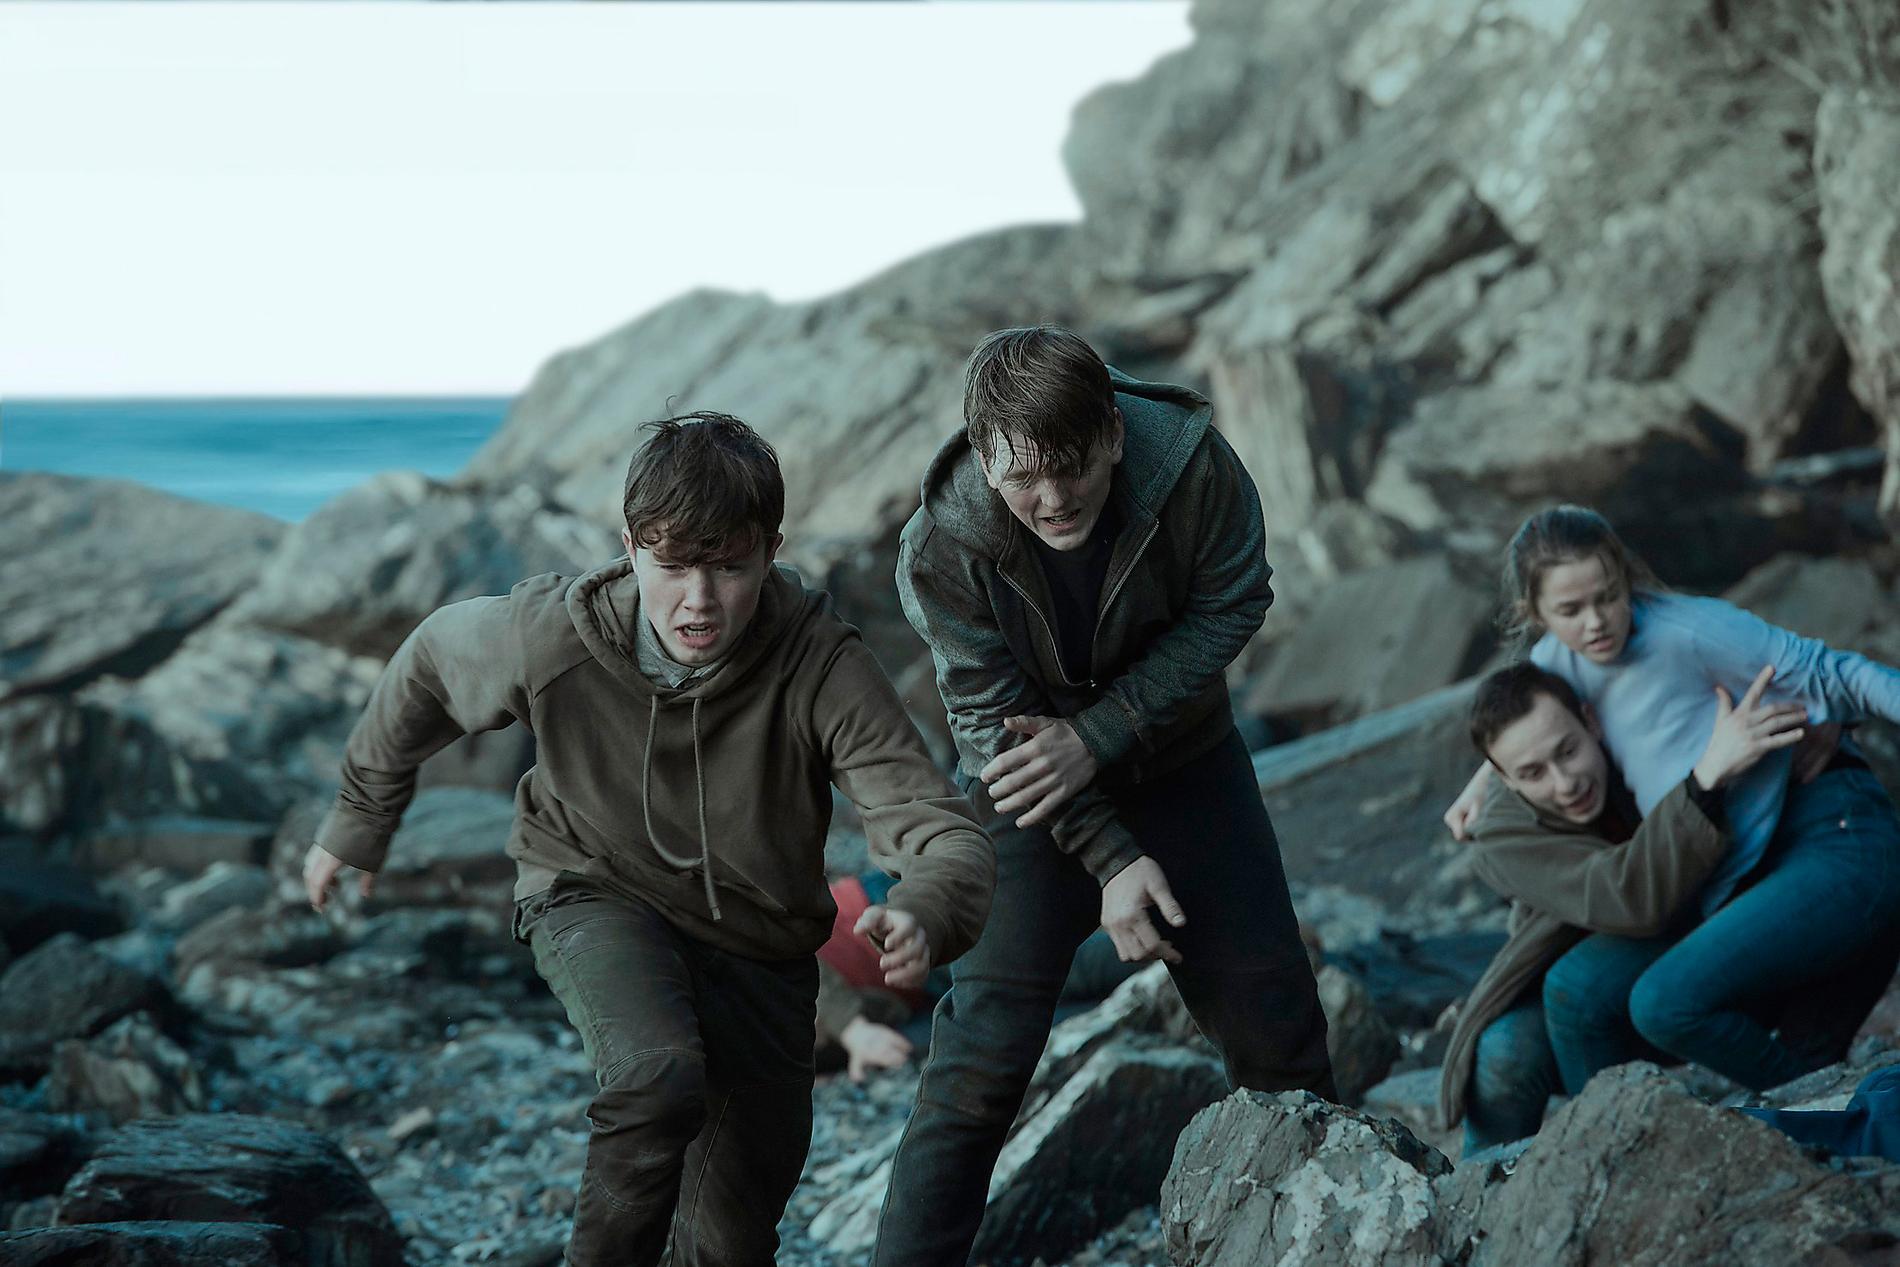 Regissören Paul Greengrass missar centrala aspekter av händelserna den 22 juli 2011 – som skälet till att det var just ett socialdemokratiskt ungdomsläger som attackerades.